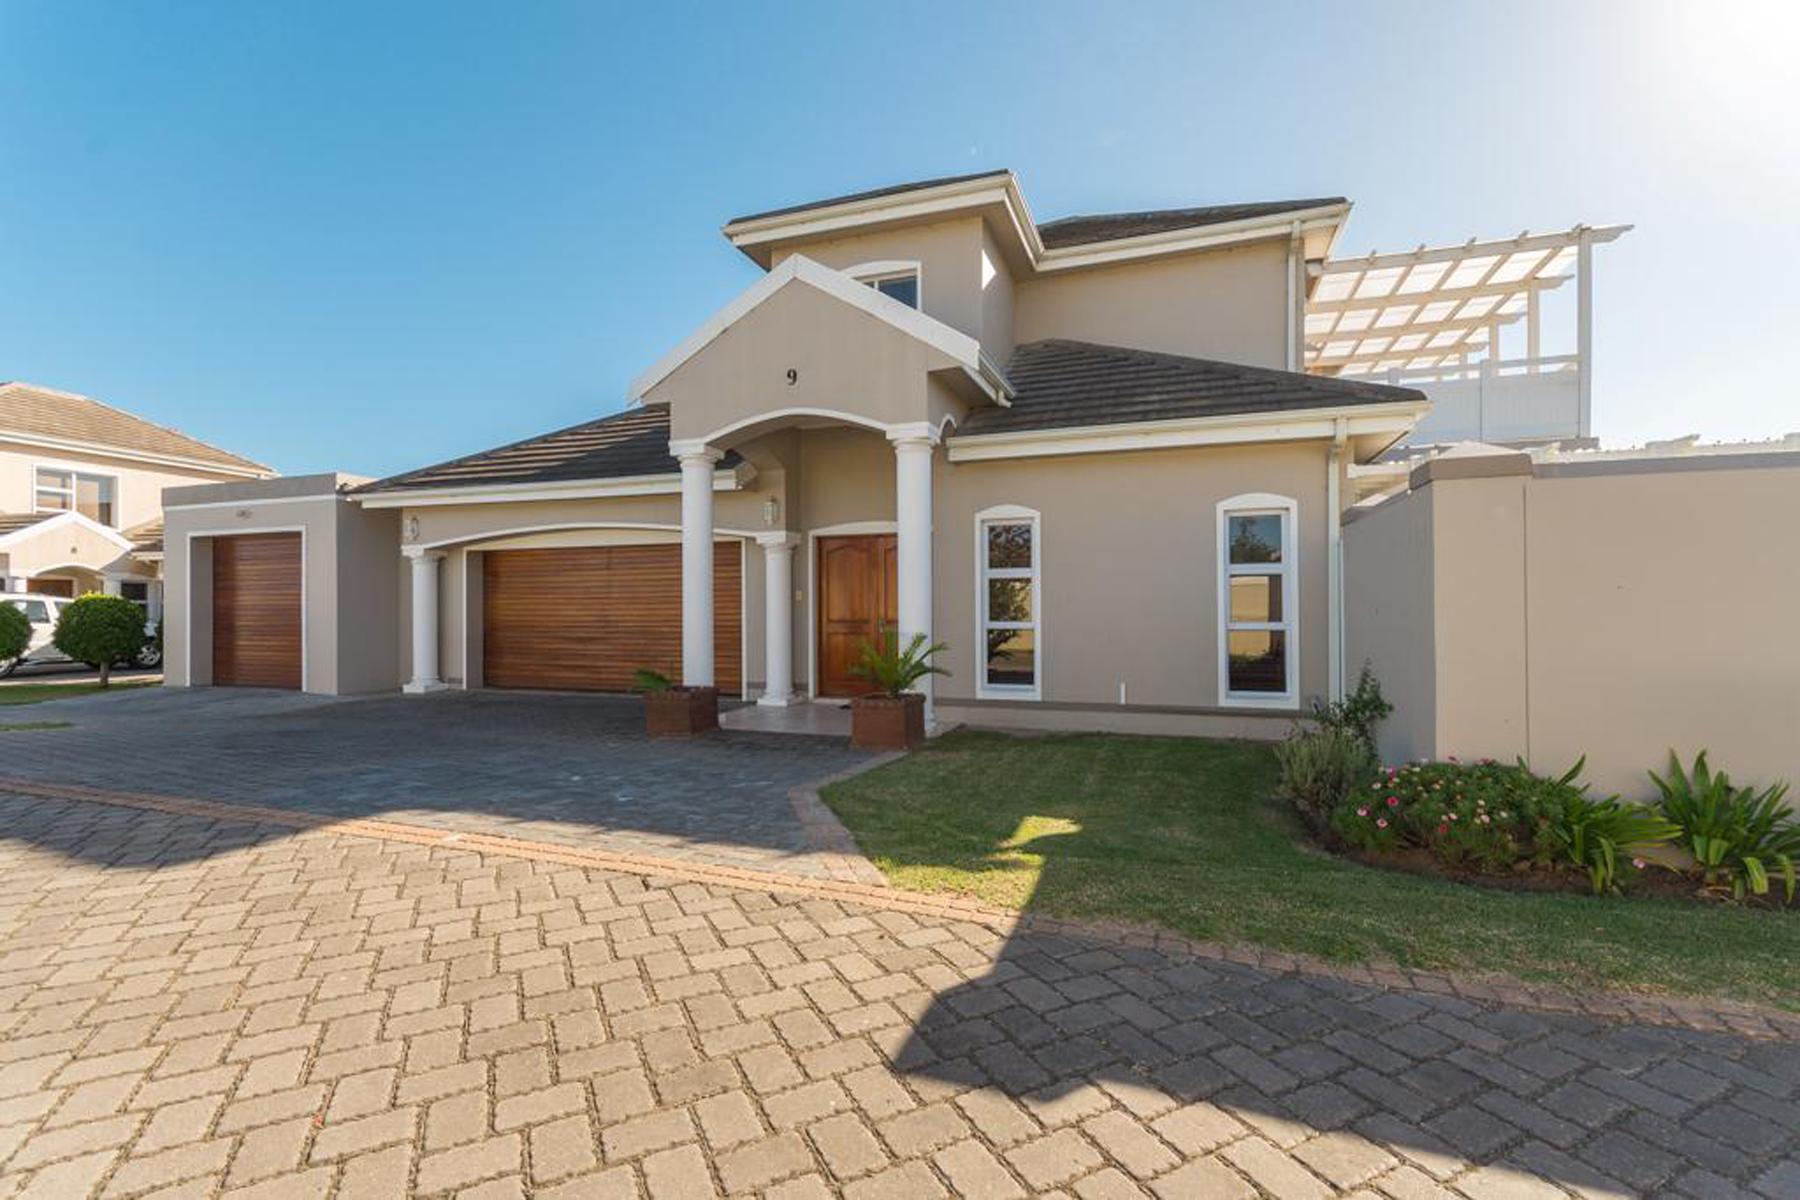 独户住宅 为 销售 在 Kingswood Golf Estate 乔治, 西开普省, 6530 南非